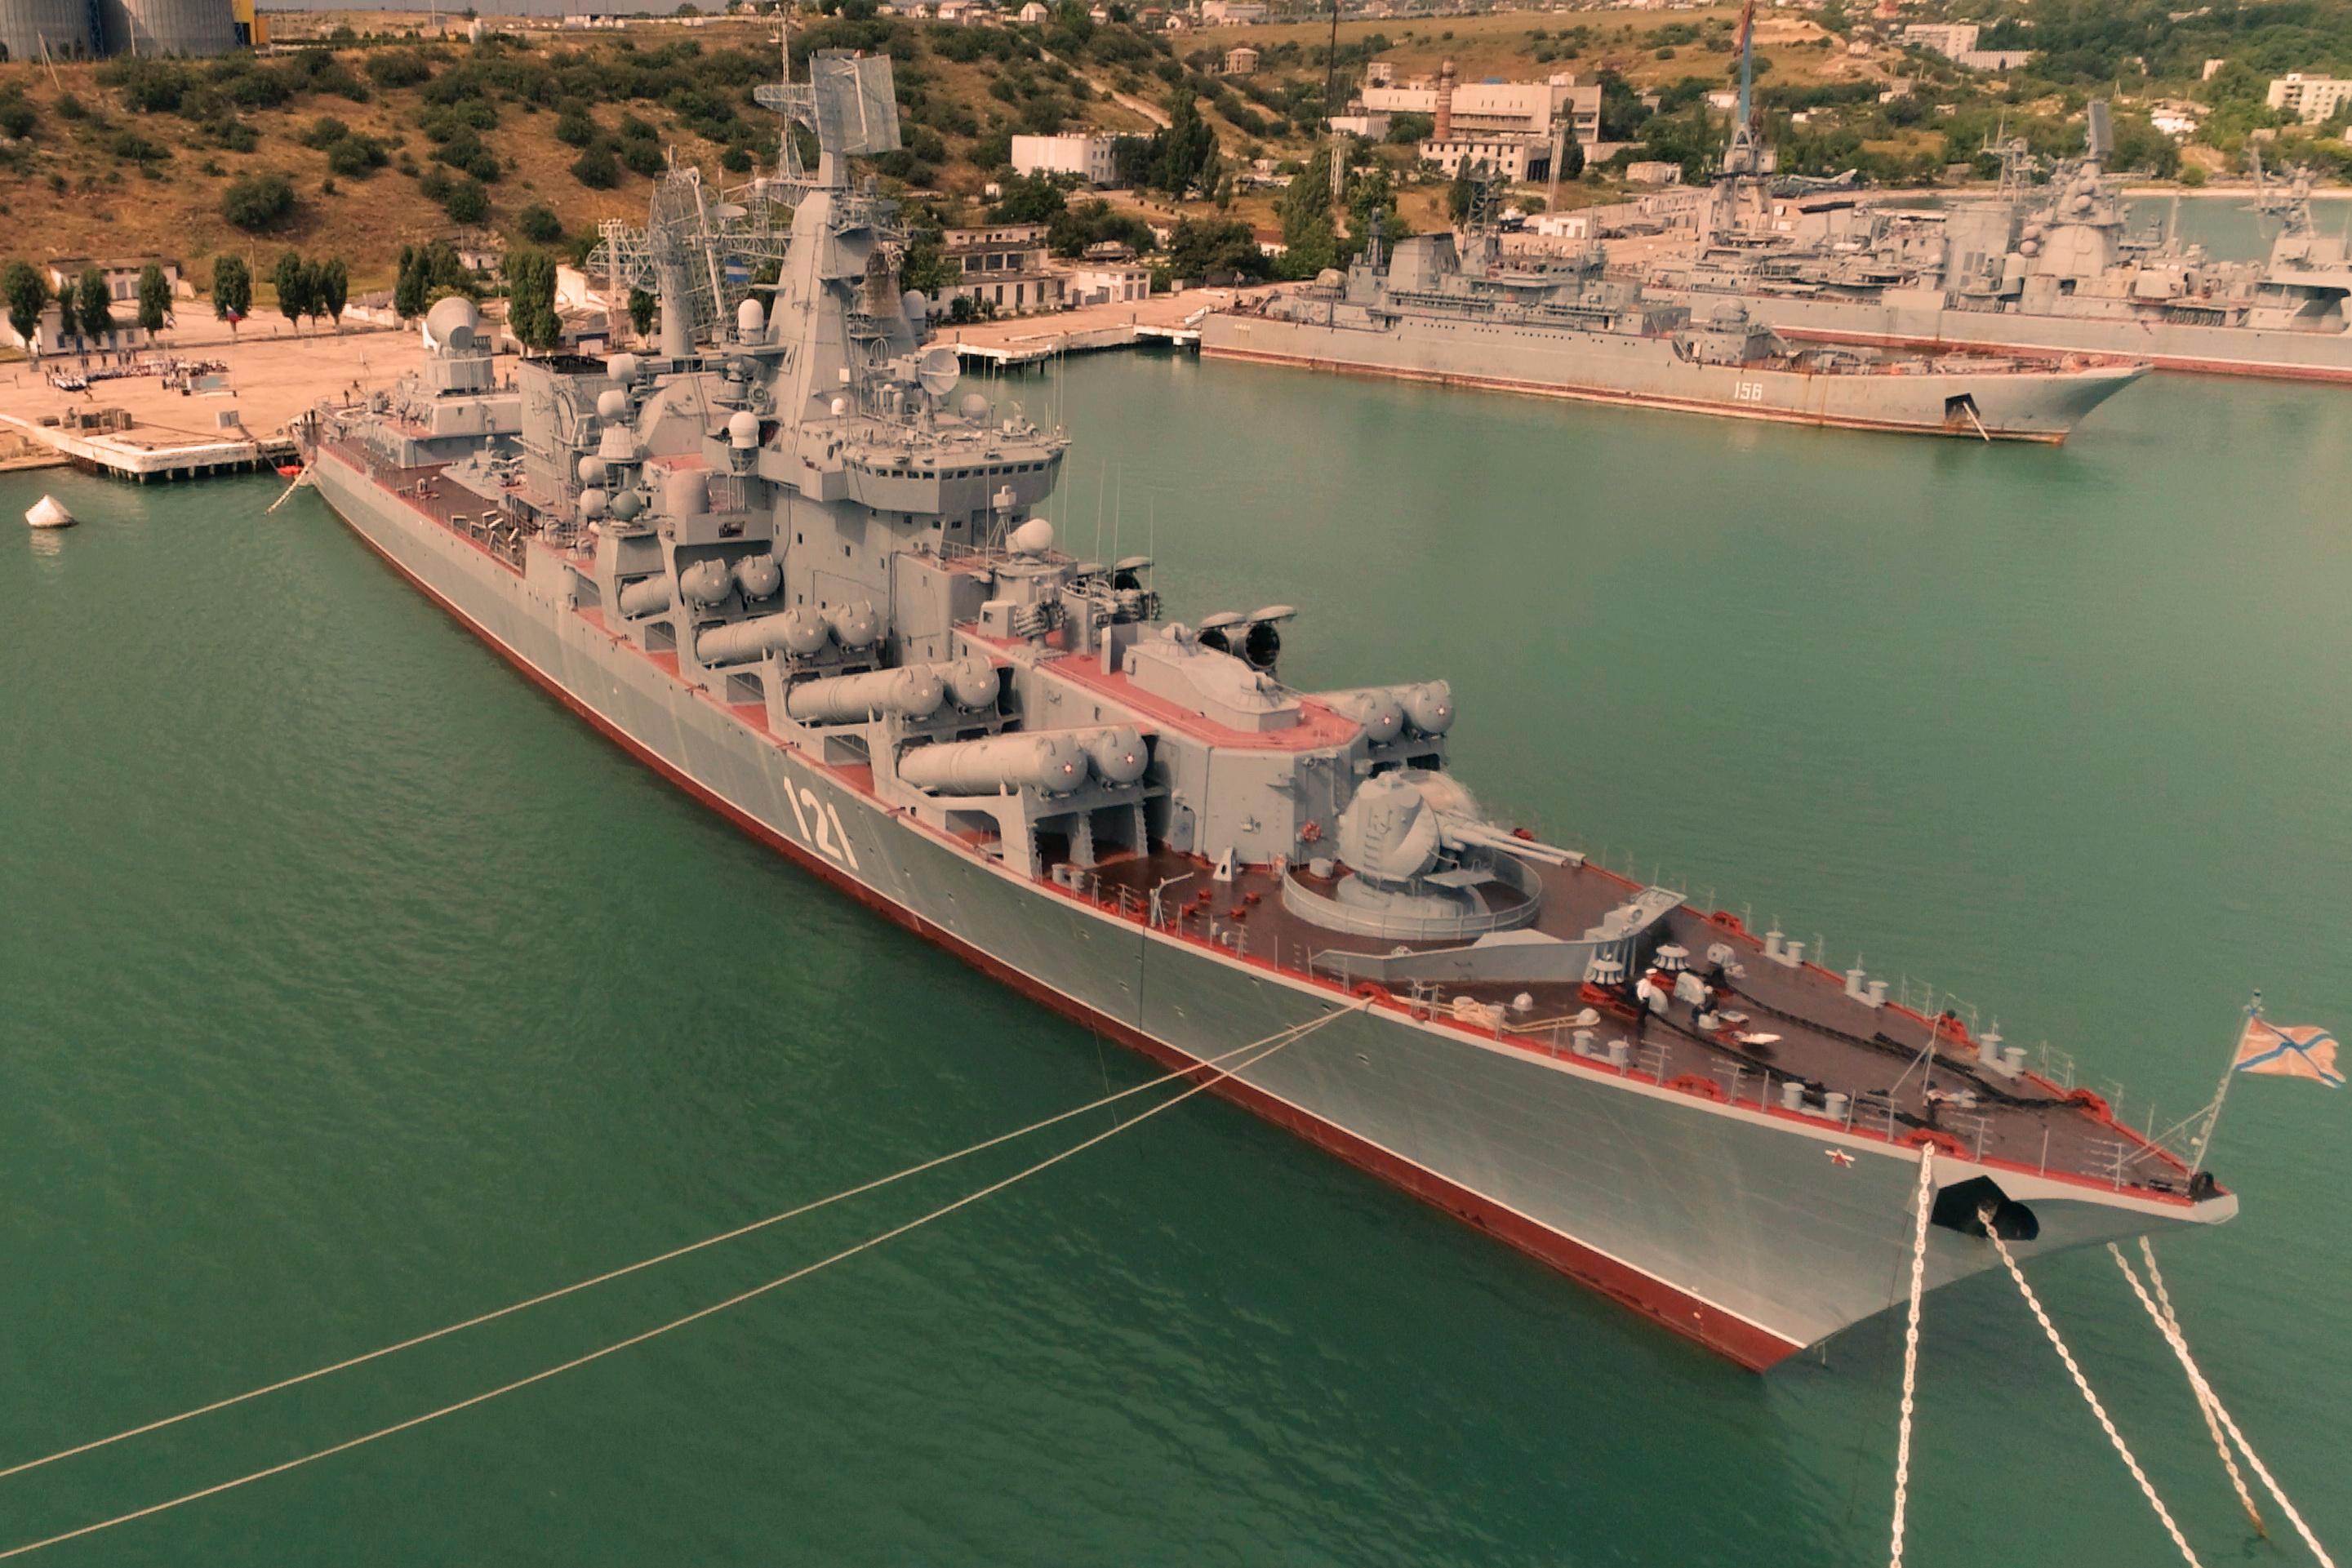 картинка крейсер сверху в порту потрясающим видом море